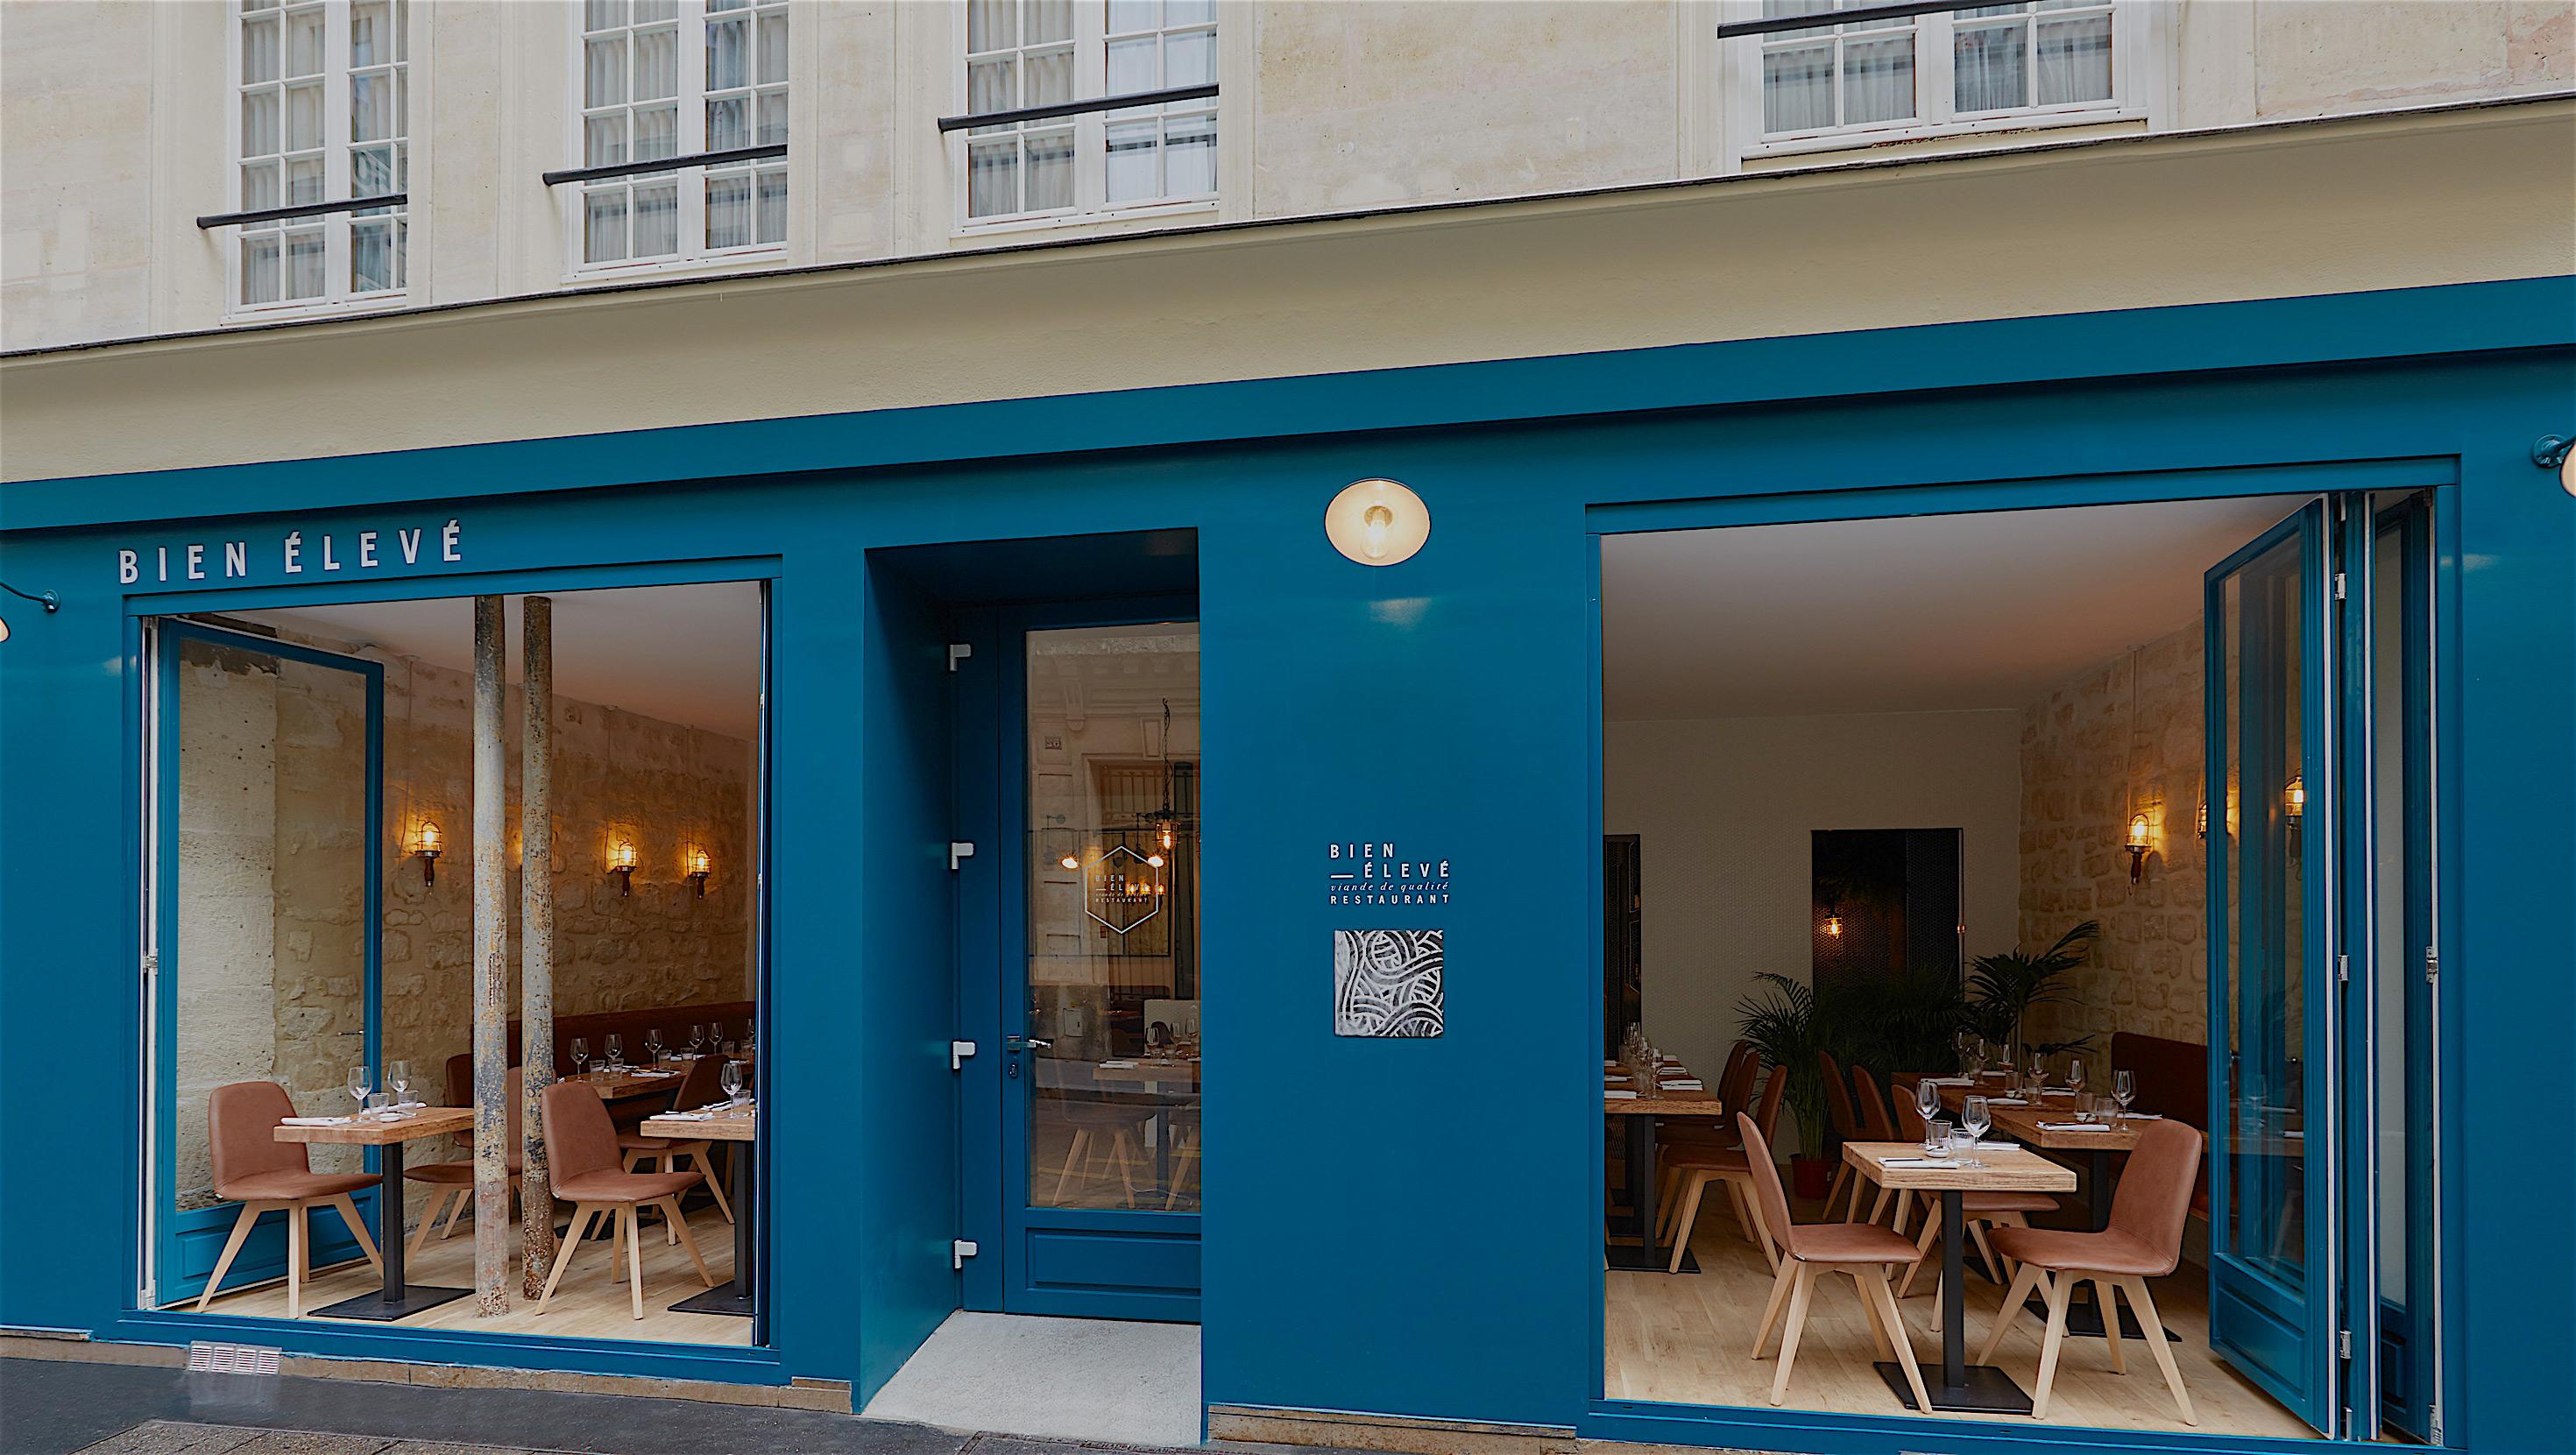 Bien eleve facade of restaurant david grimbert